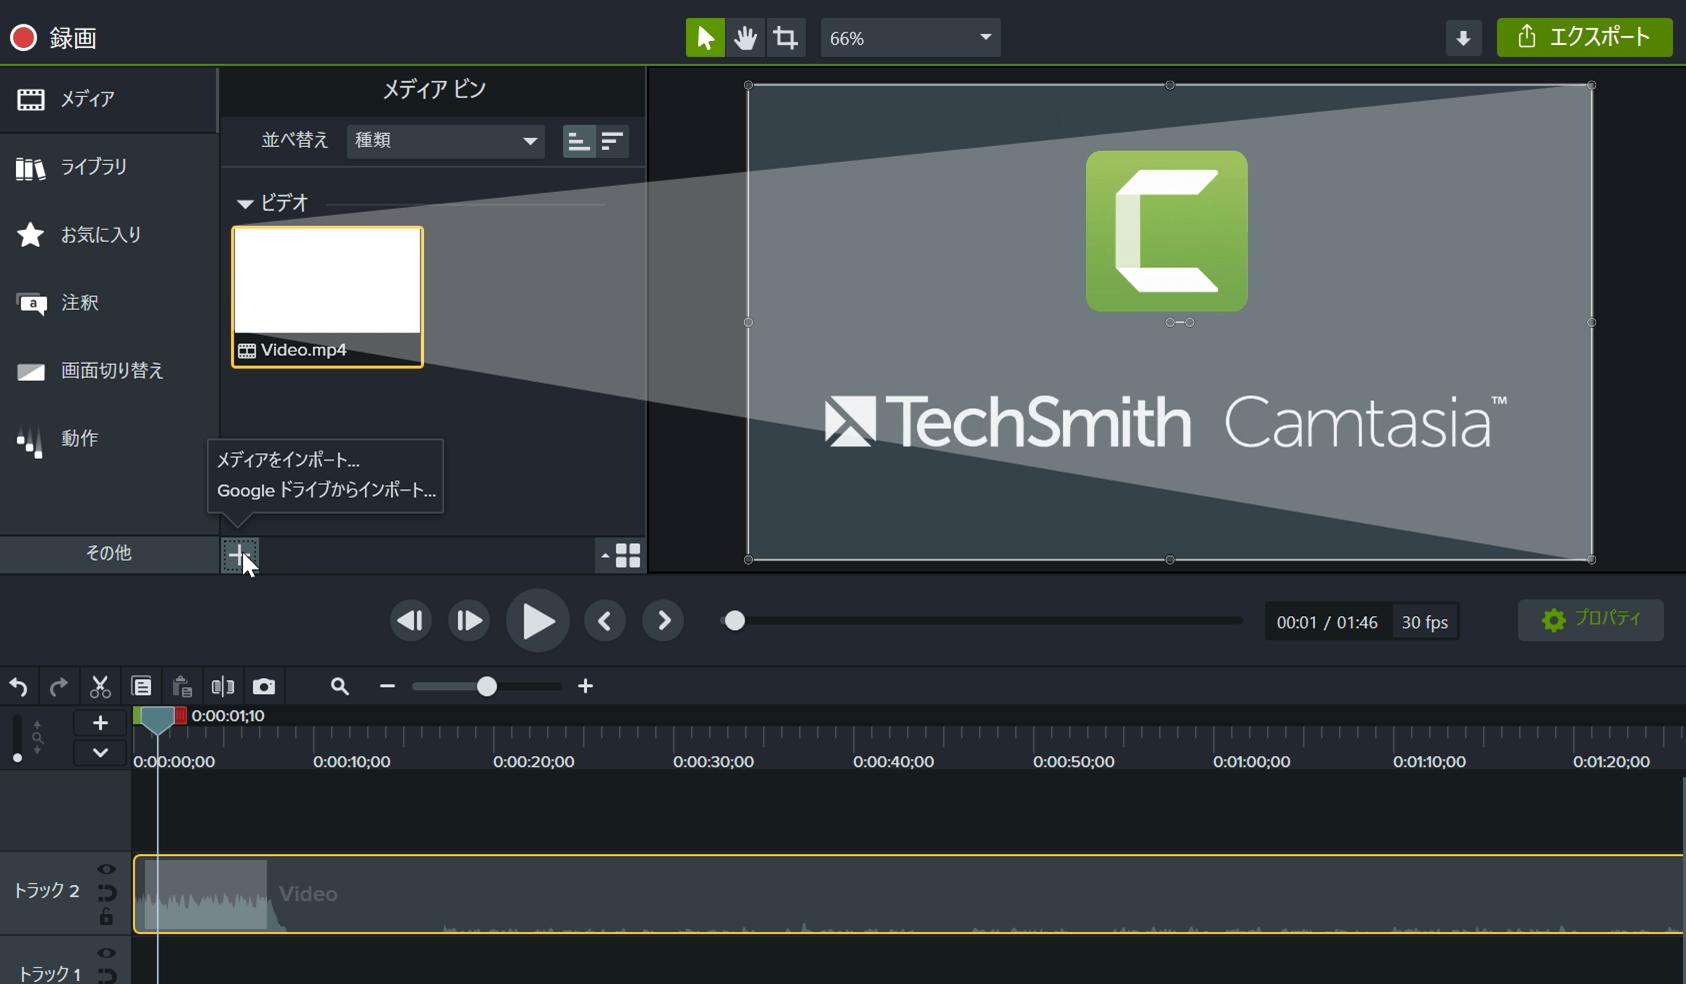 独自のビデオや写真、スライドをインポート。